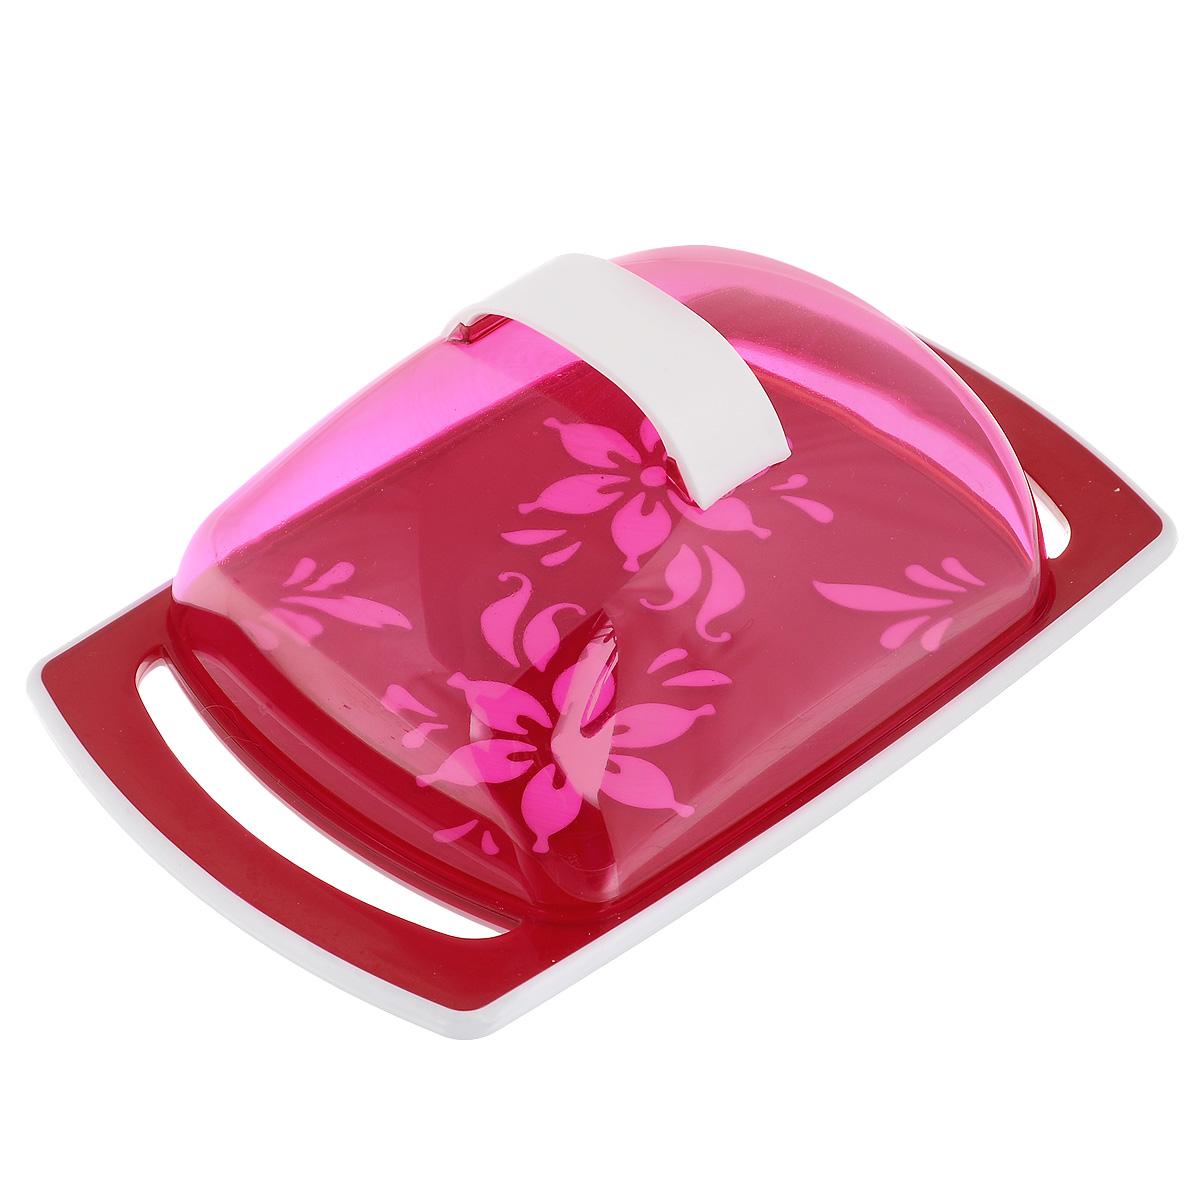 Масленка Альтернатива Премьера, цвет: красныйVT-1520(SR)Масленка Альтернатива Премьера идеально подходит для хранения масла и сервировки стола. Масленка состоит из подноса, выполненного из пластика, и прозрачной пластиковой крышки с ручкой. Благодаря специальным выемкам крышка плотно устанавливается на поднос. Поднос масленки украшен яркими цветами.Масло в такой масленке долго остается свежим, а при хранении в холодильнике не впитывает посторонние запахи. Рекомендации по использованию: - Не используйте для чистки абразивные моющие средства. - Берегите крышку от нагревания. - Хранить вдали от источников тепла. - При отрезании масла избегайте сильных воздействий на основание масленки во избежание ее повреждения.Размер масленки: 18 см х 11,5 см х 5,5 см.